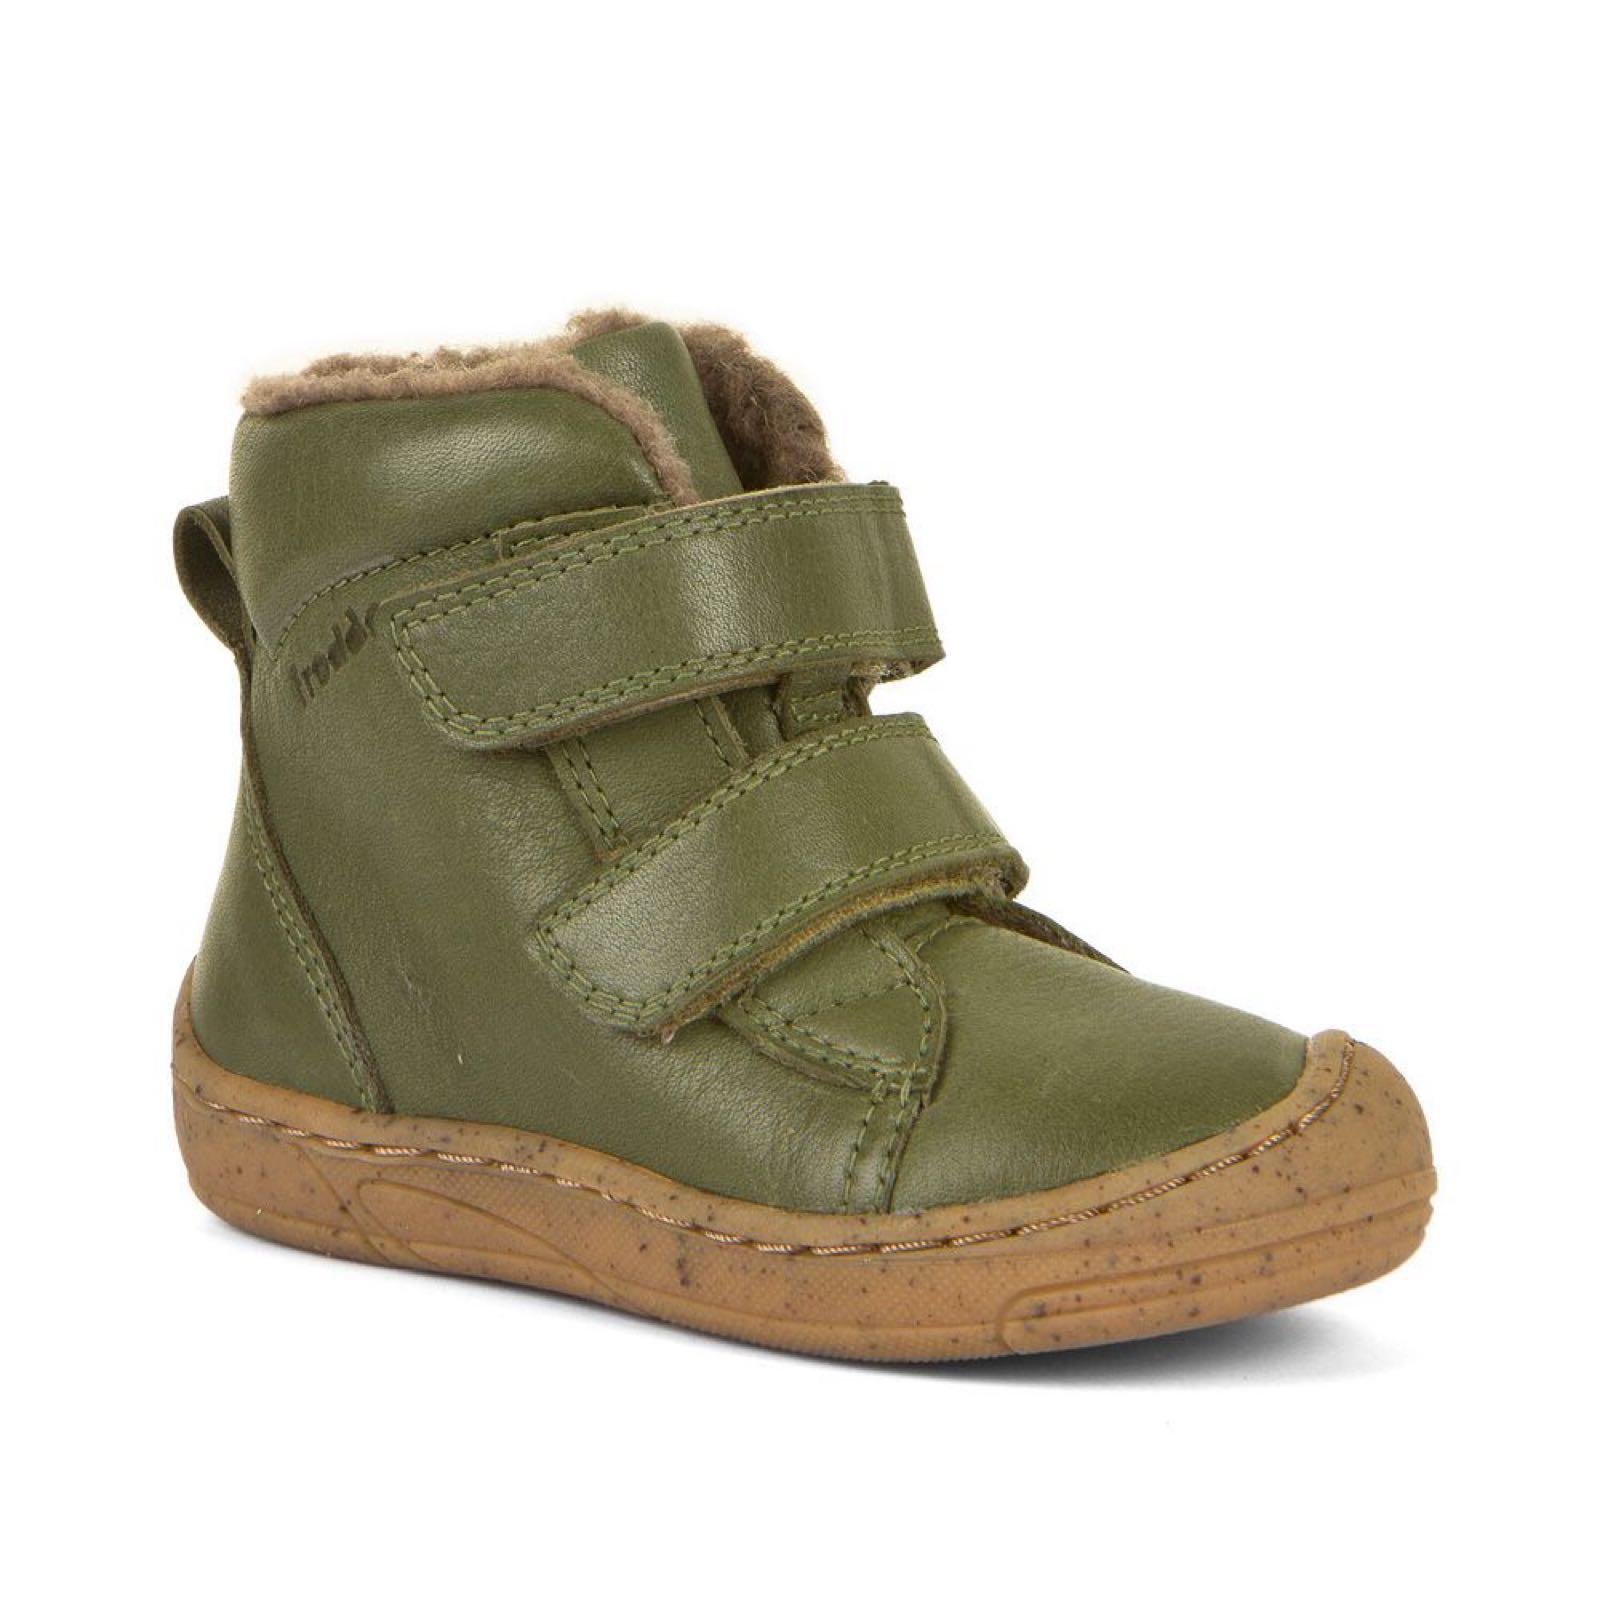 FRODDO Minni Winter Olive Fur G2110099-6